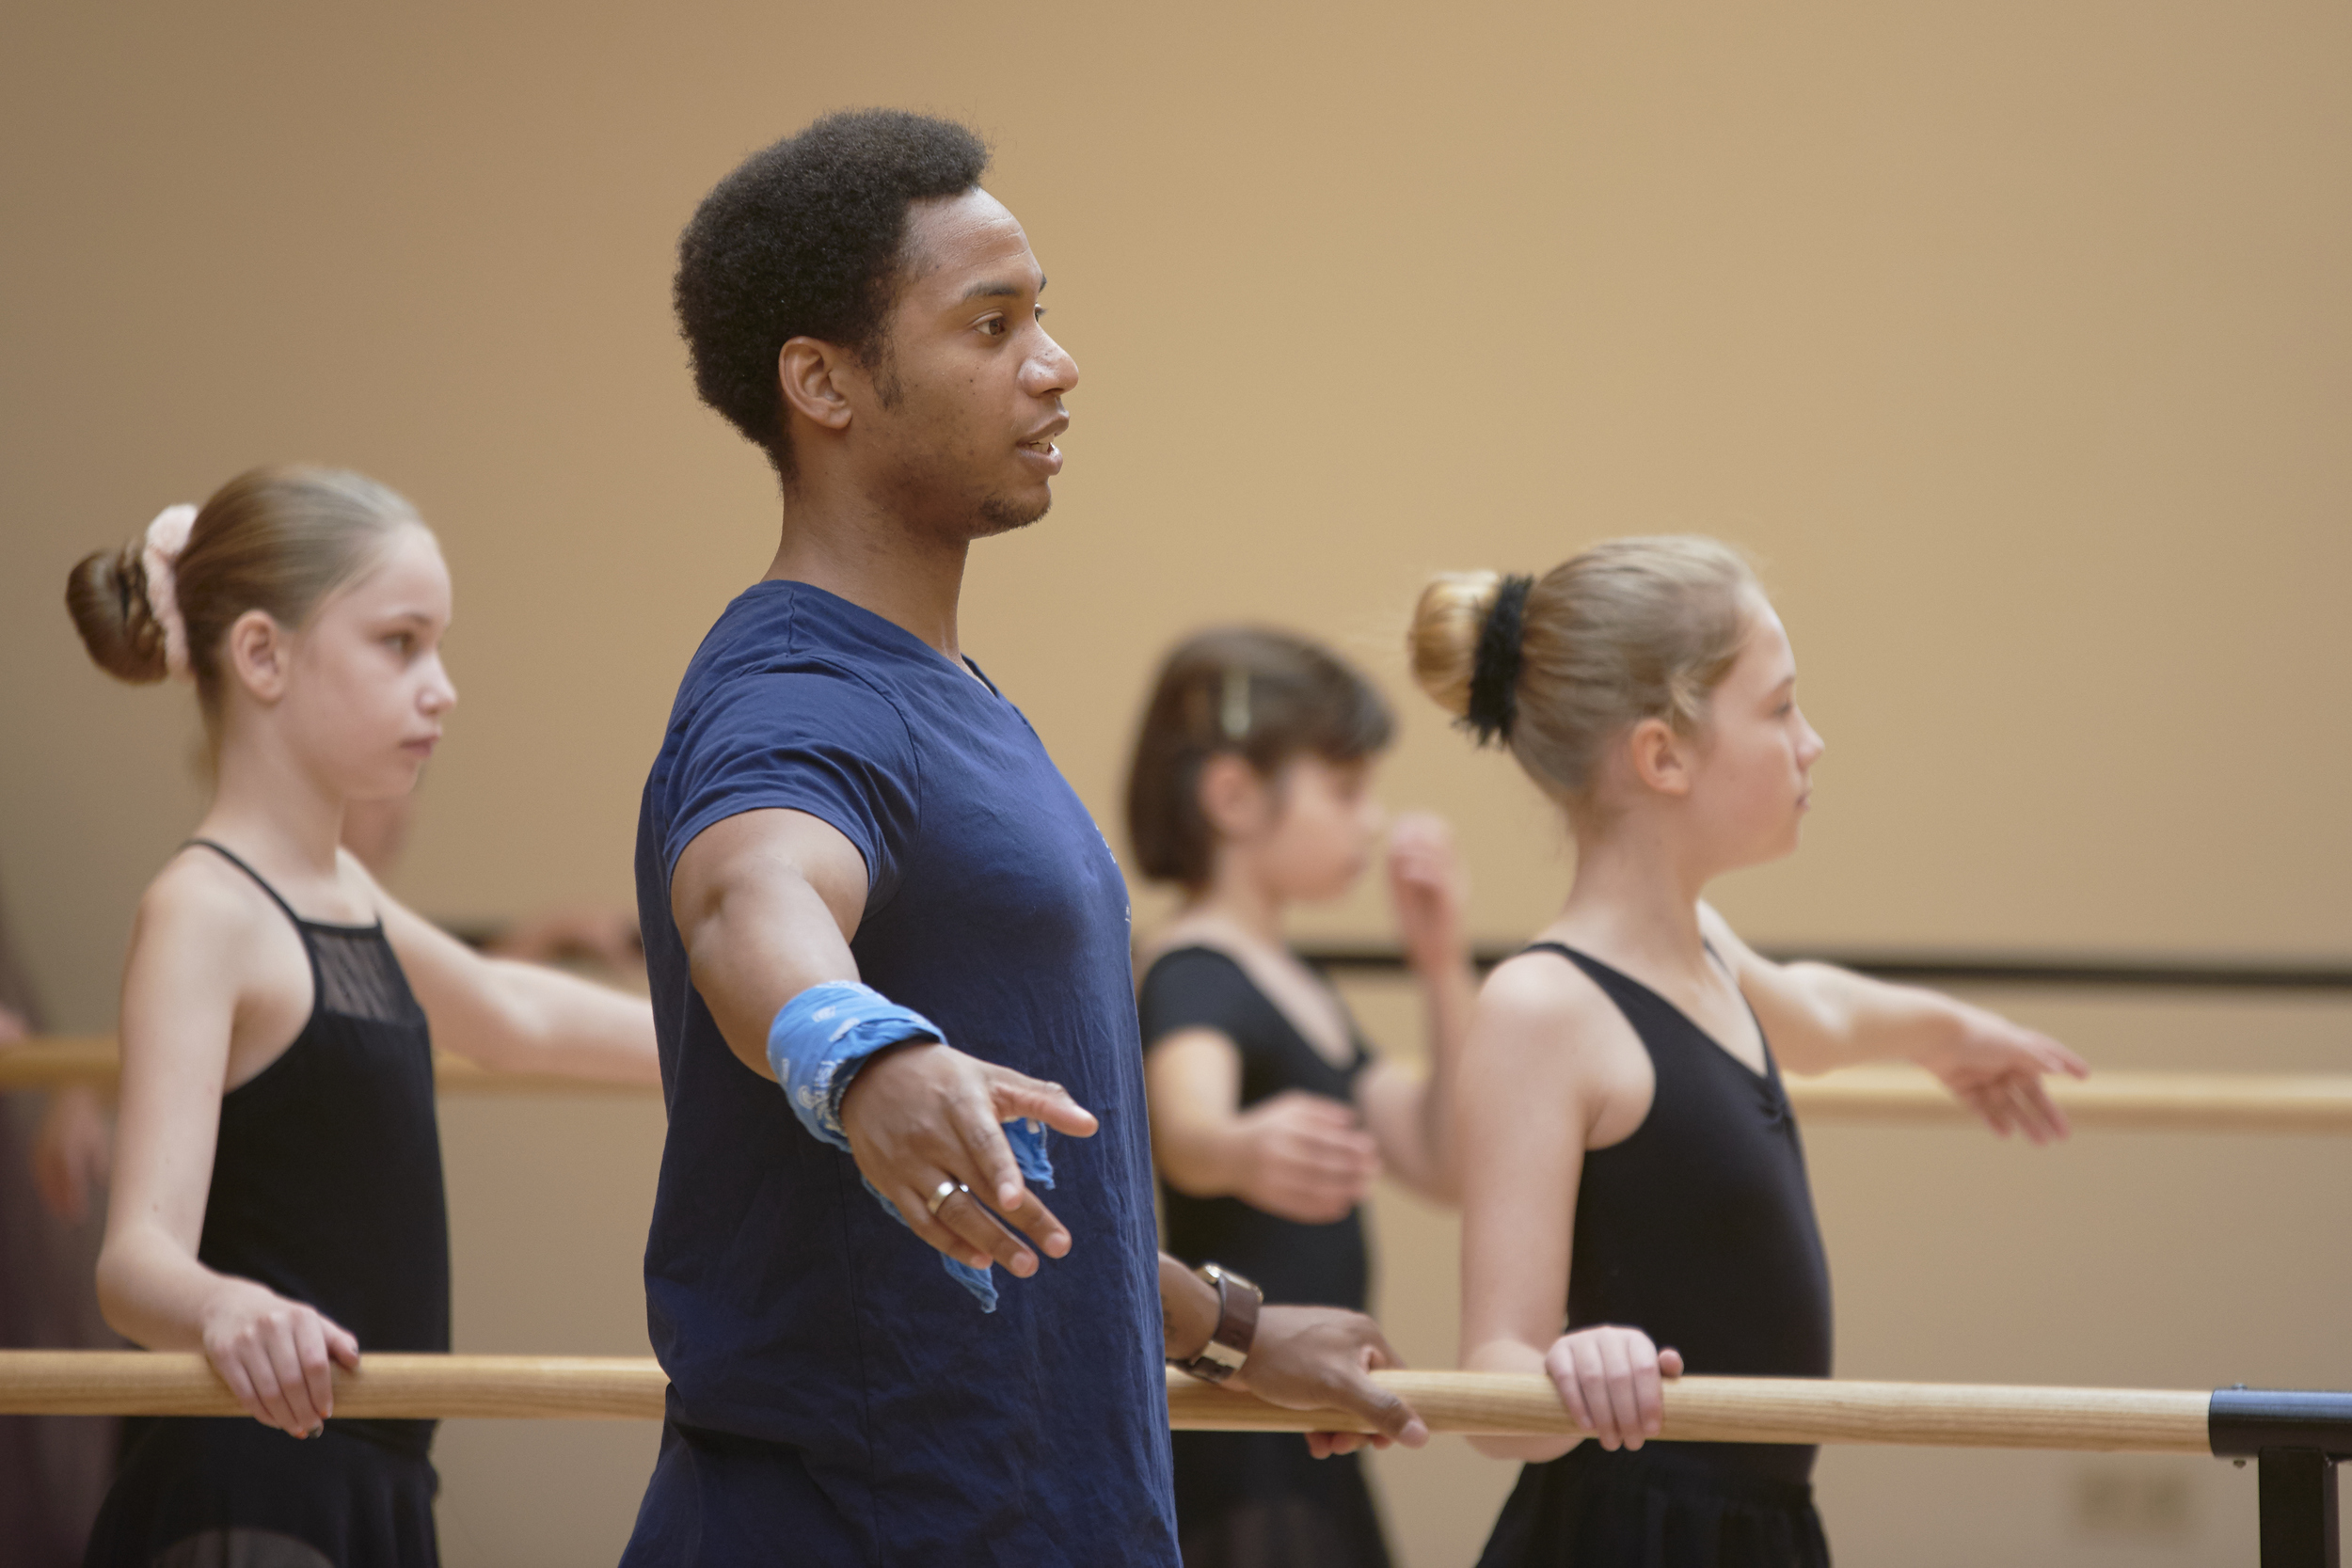 15_10_25_Balletschool Attitude 10 jaar_NIKON D610__DSC1971_PSD.jpg